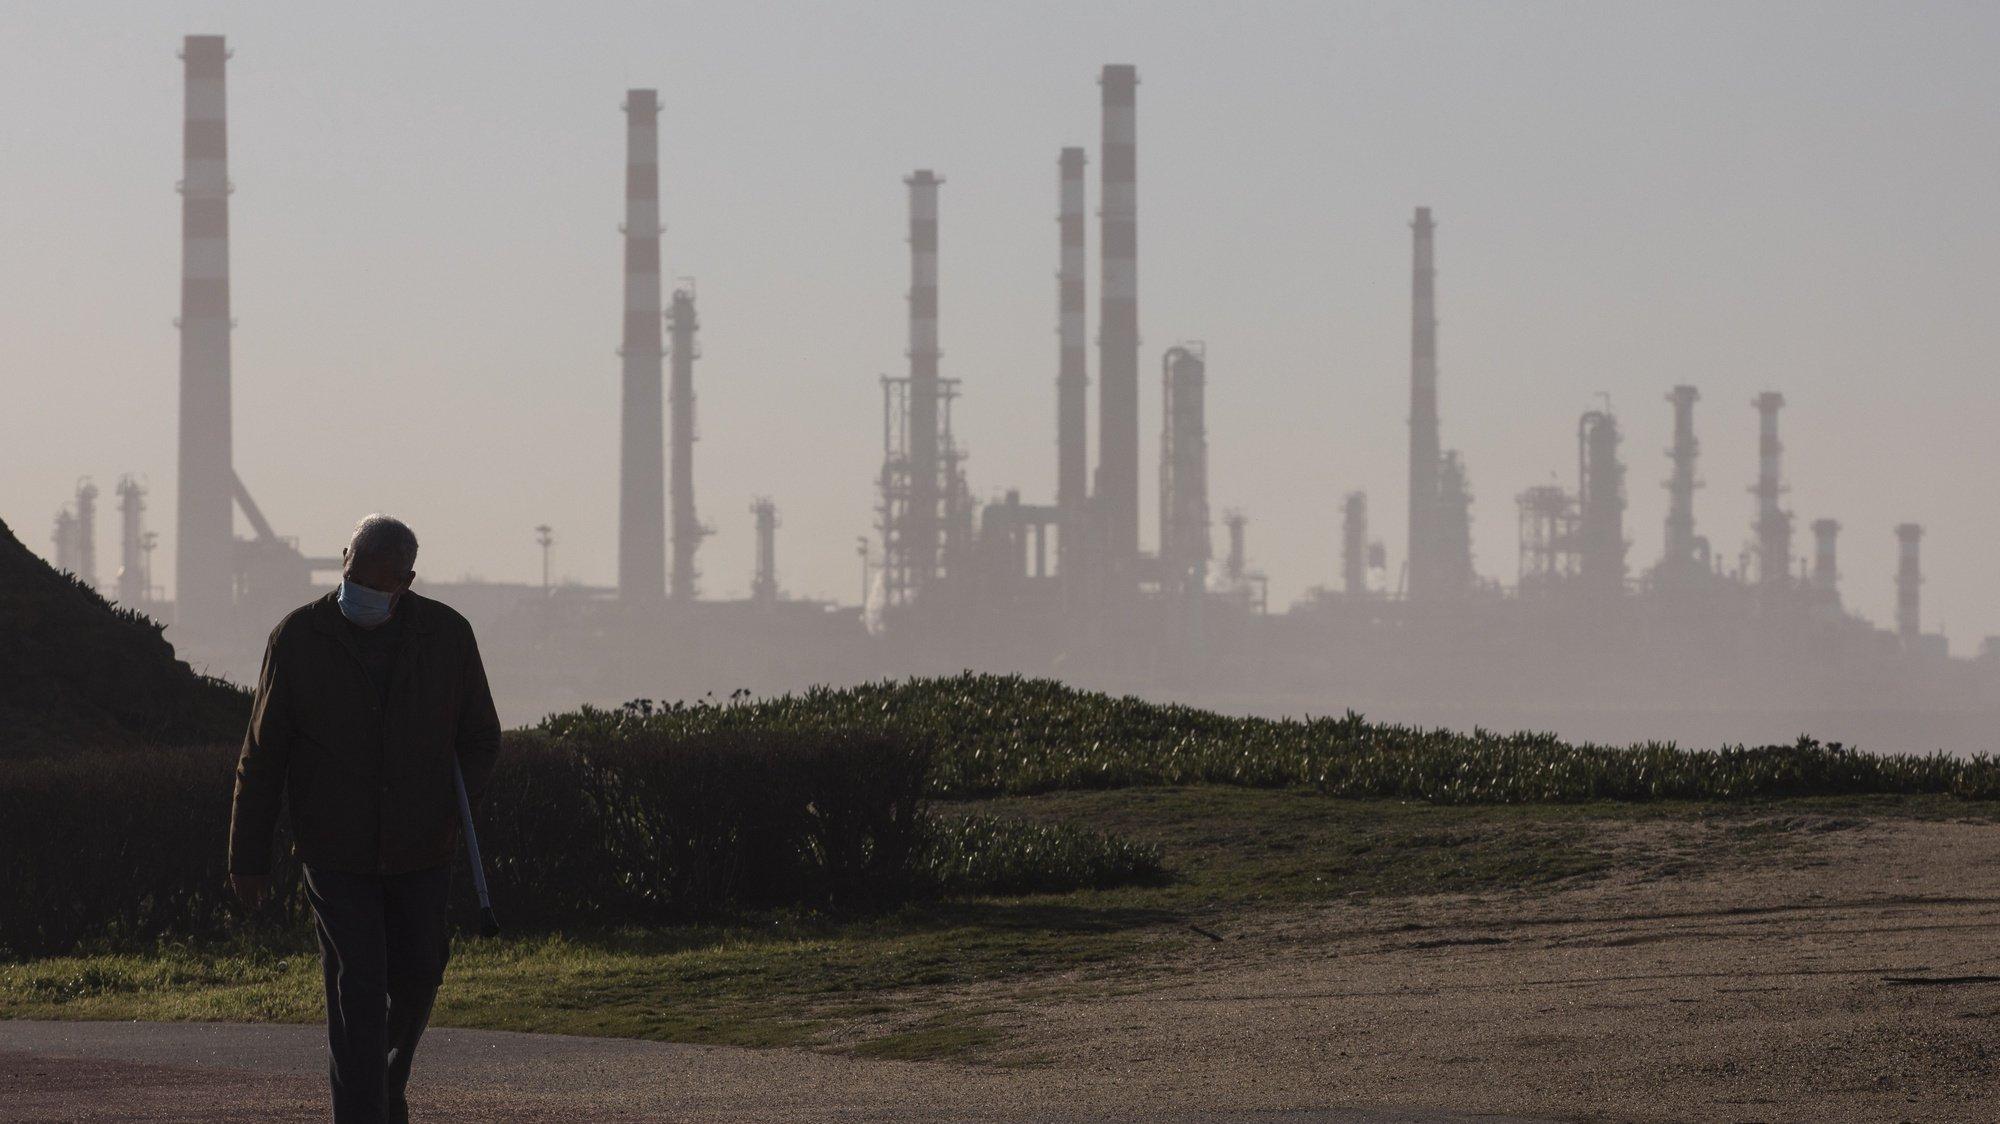 Refinaria da Petrogal em Leça da Palmeira, 24 de fevereiro de 2021. JOSÉ COELHO/LUSA